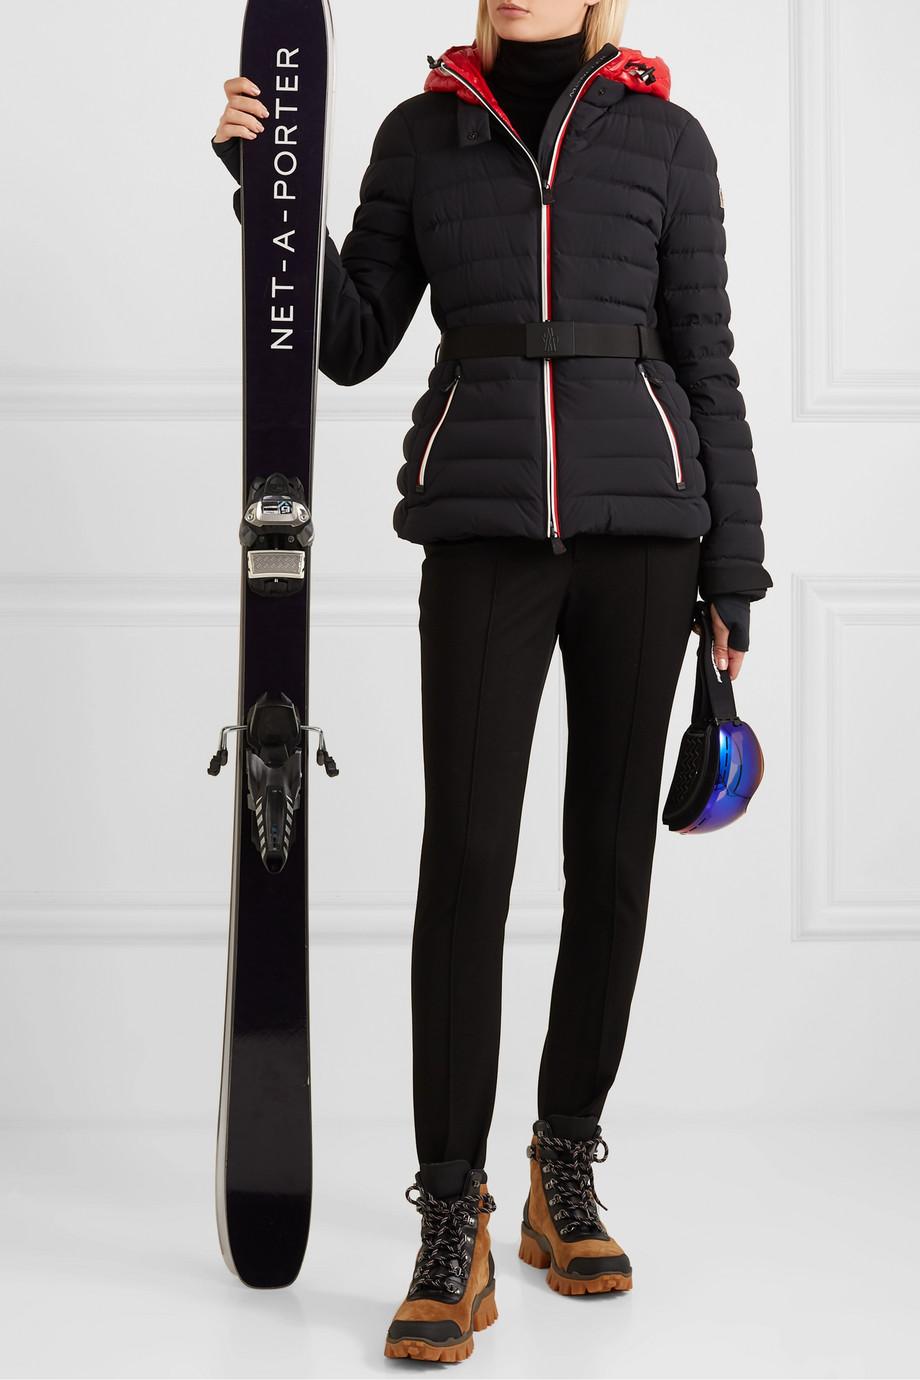 Moncler Grenoble Pantalon de ski fuseau en serge stretch